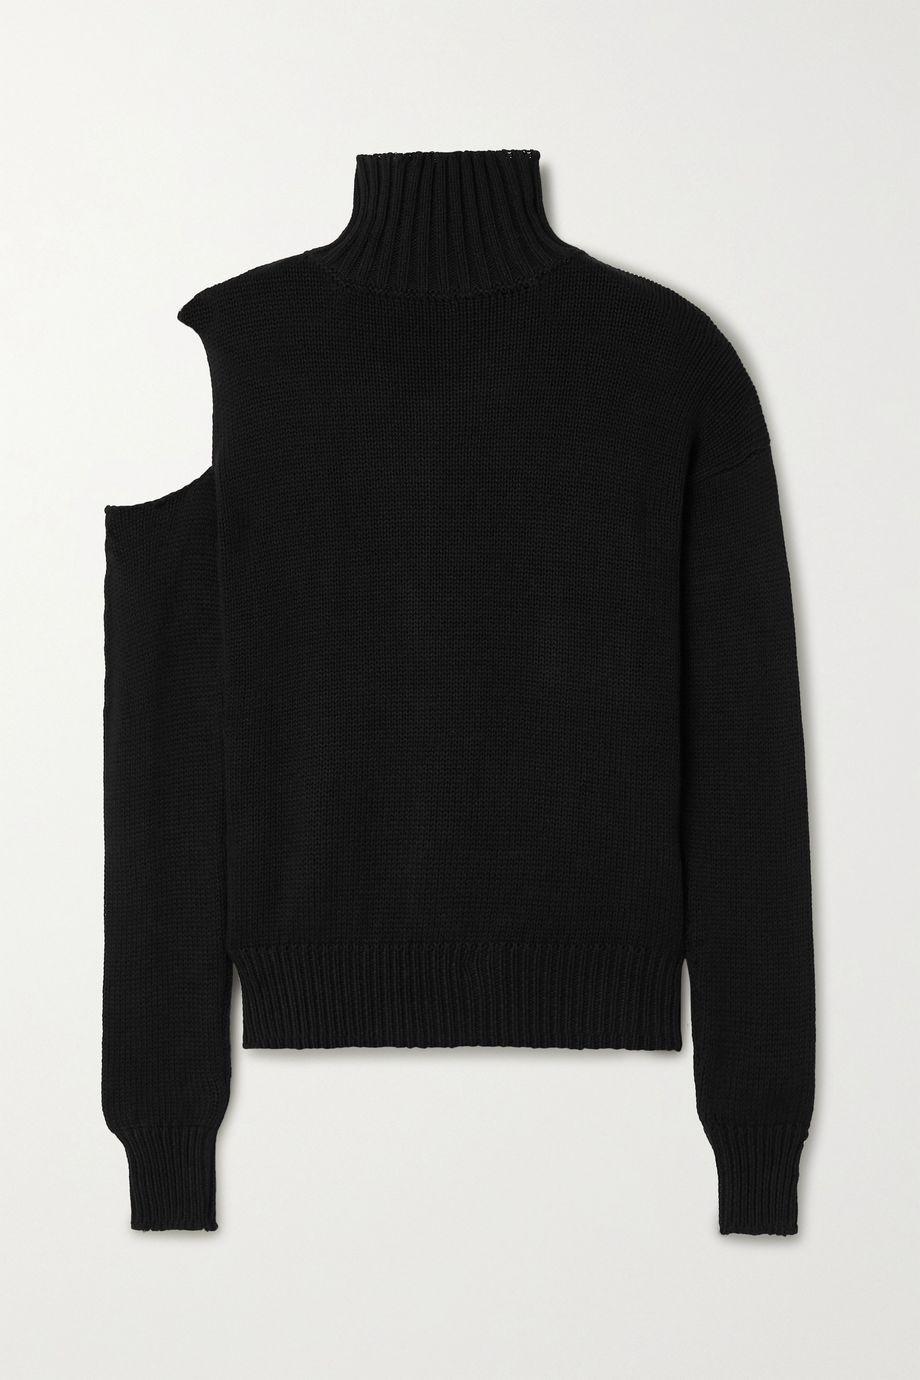 The Range Cold-shoulder ribbed cotton turtleneck sweater